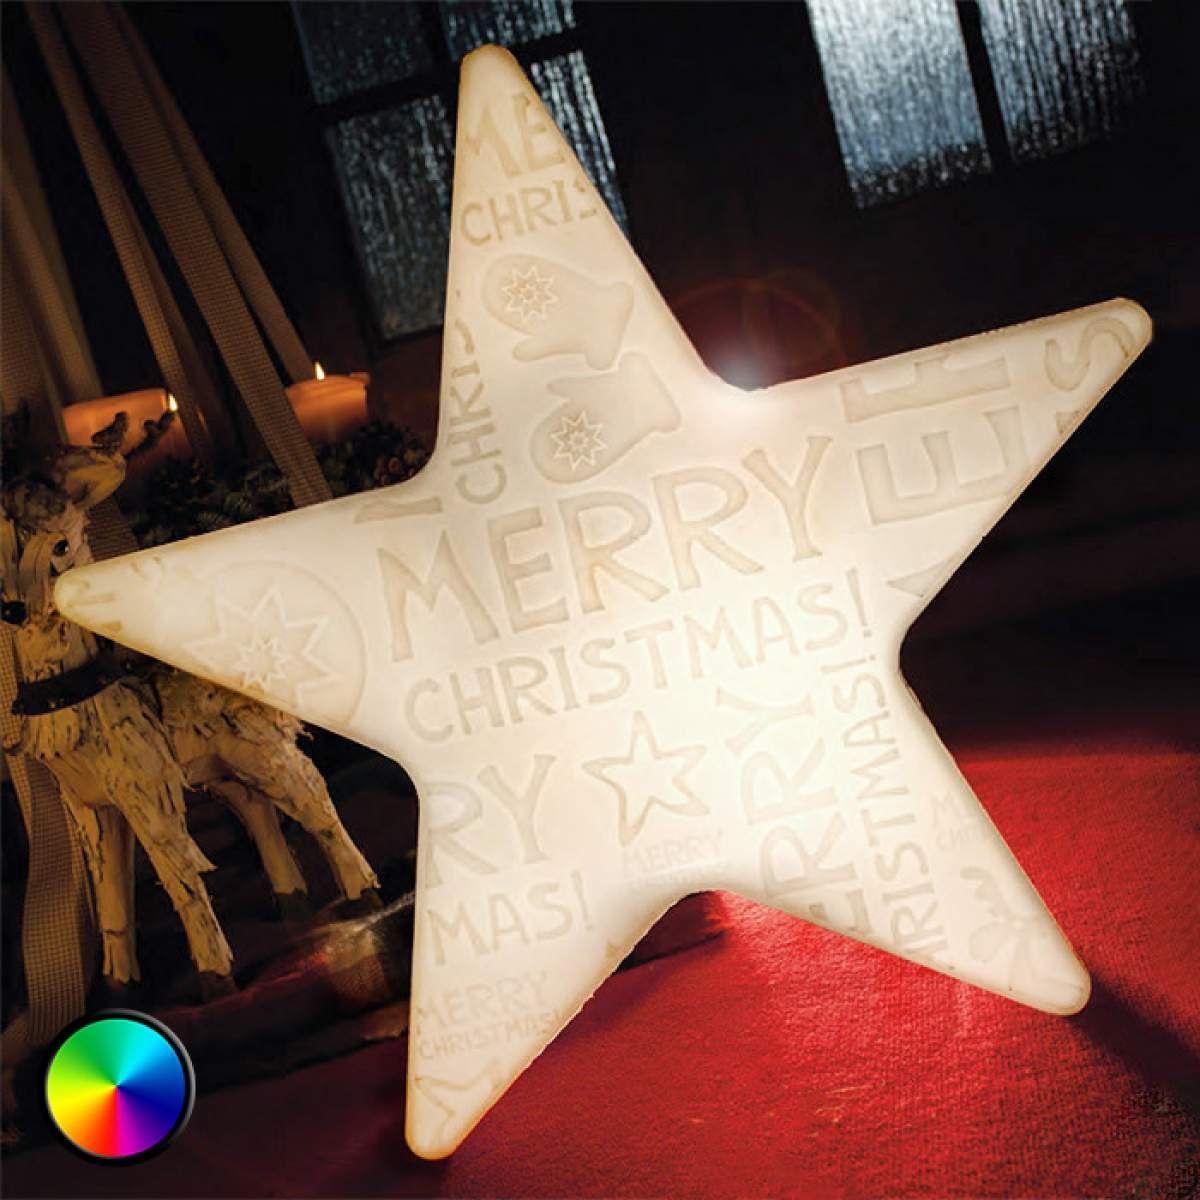 Led Stern Shining Star Merry Christmas M Von 8 Seasons Weihnachtsdeko Fur Innen Weihnachtsdekoration Led Stern